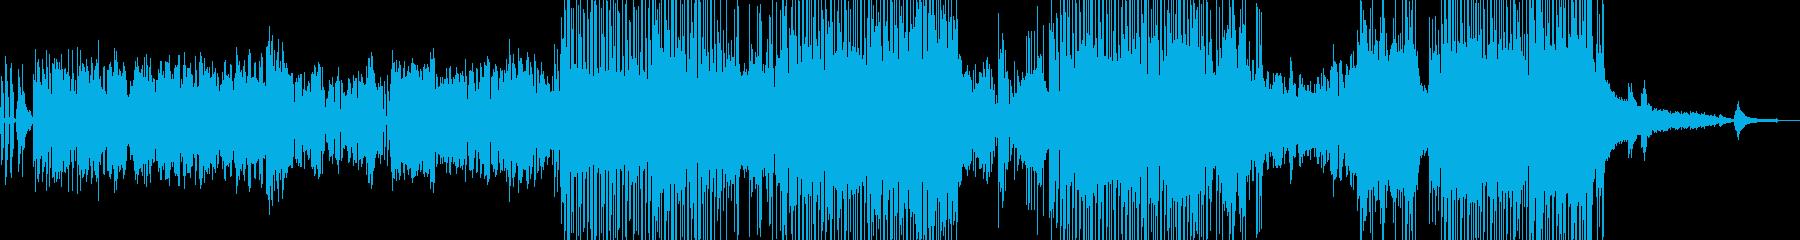 バイオリン・涼しい風景 後半ドラム・長尺の再生済みの波形